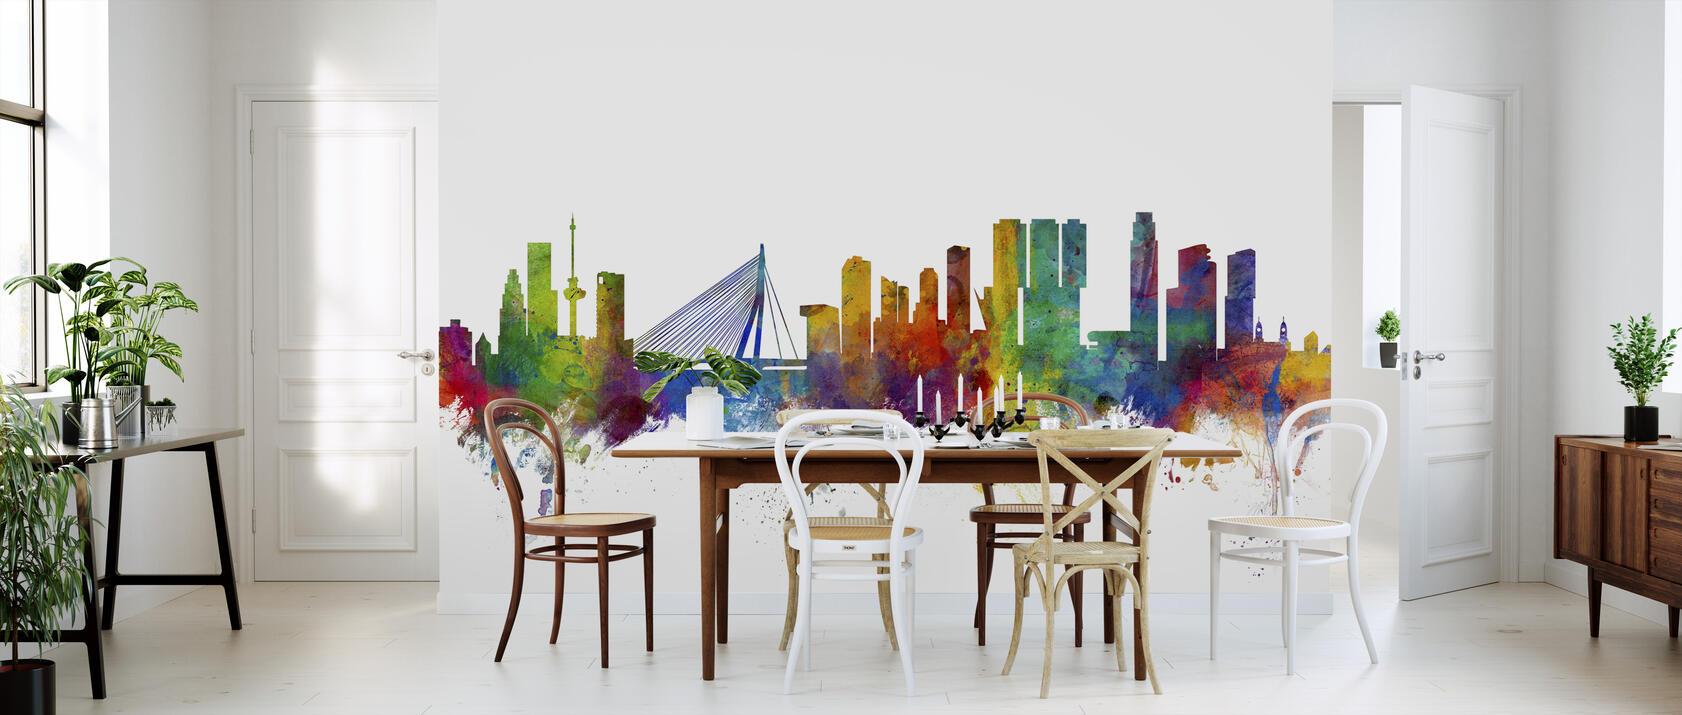 rotterdam skyline kostenlos gelieferte fototapete von. Black Bedroom Furniture Sets. Home Design Ideas